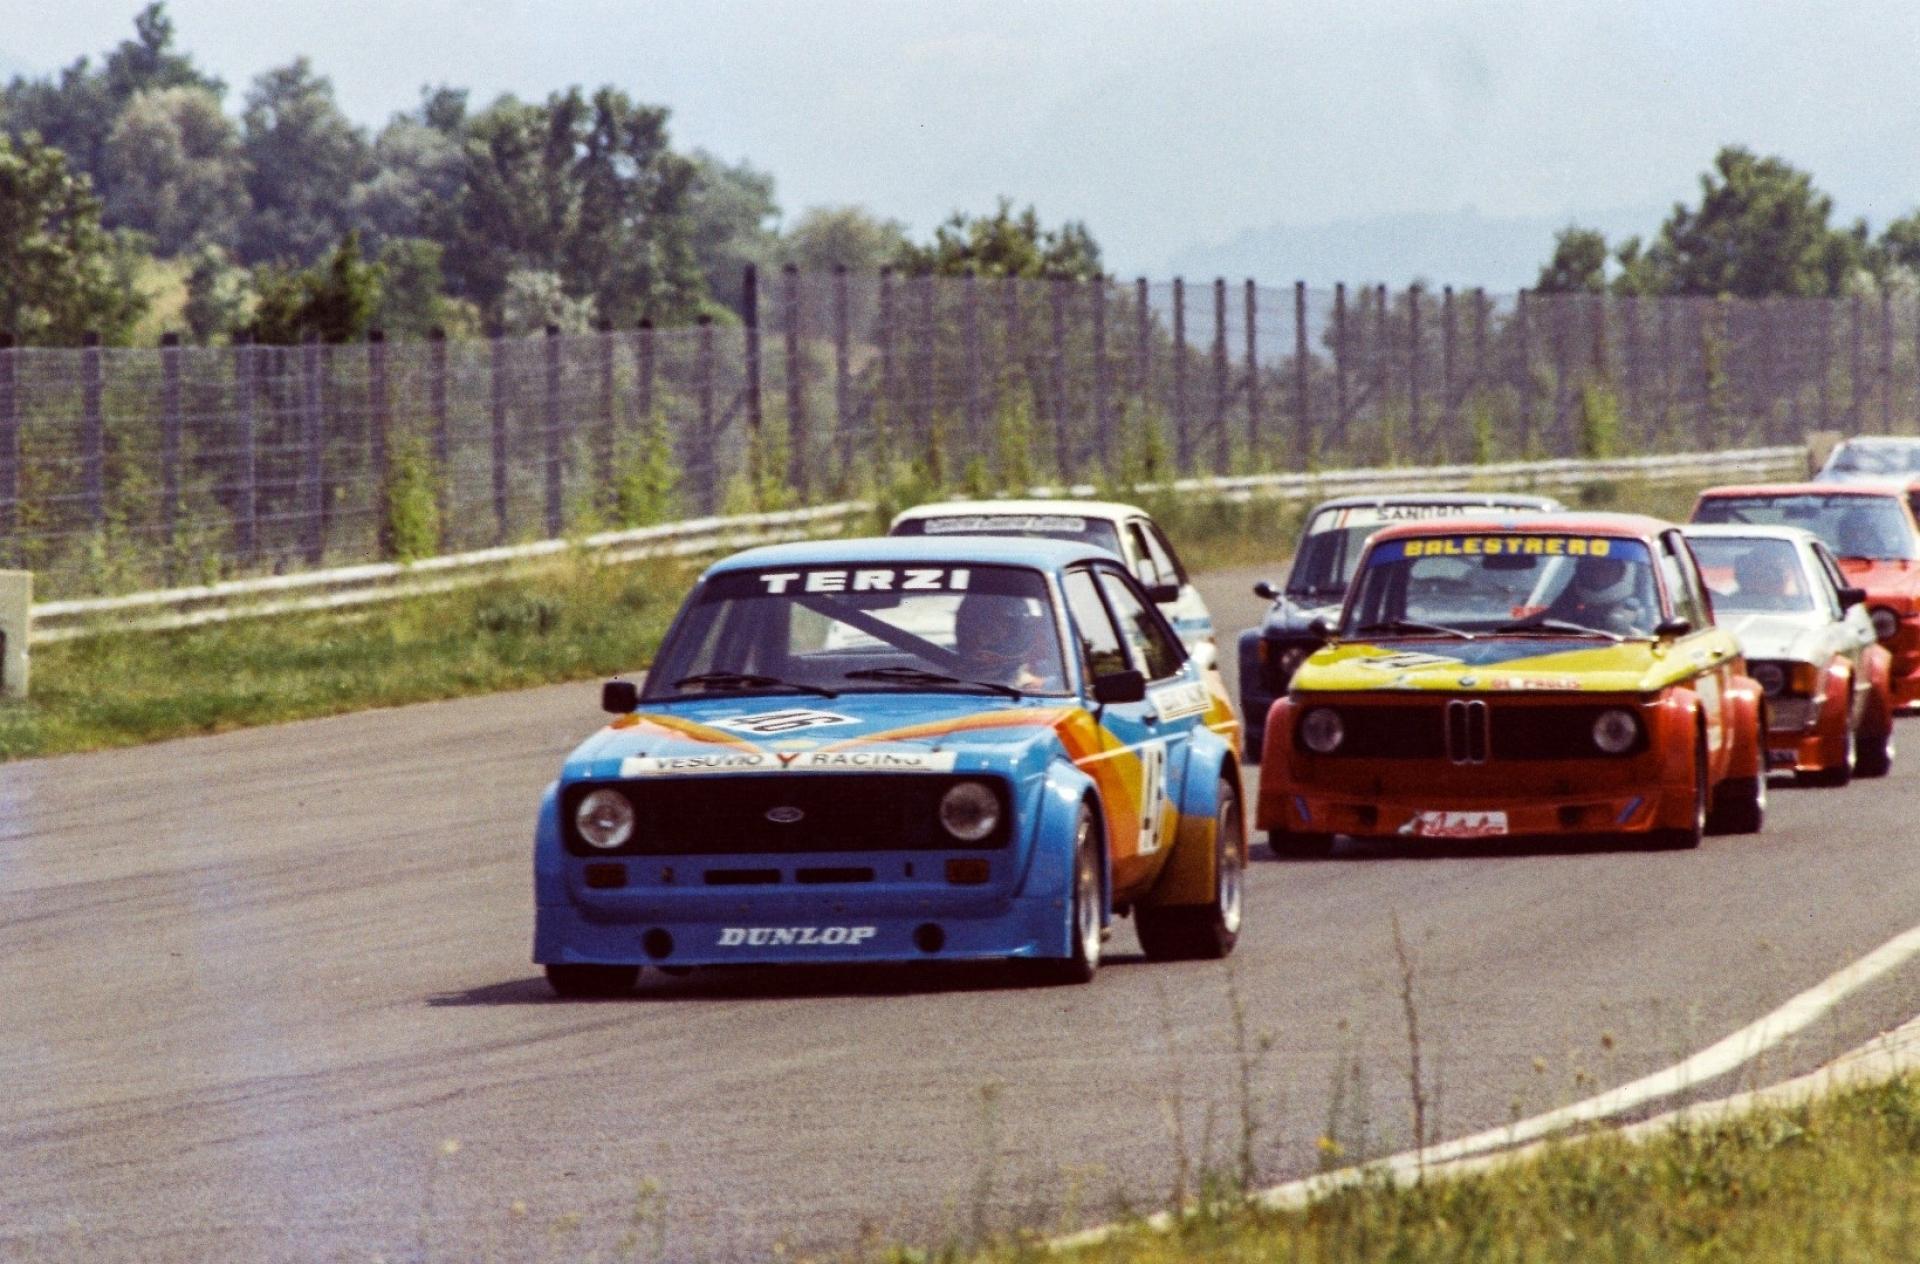 ford-escort-terzi08-12_0.jpg